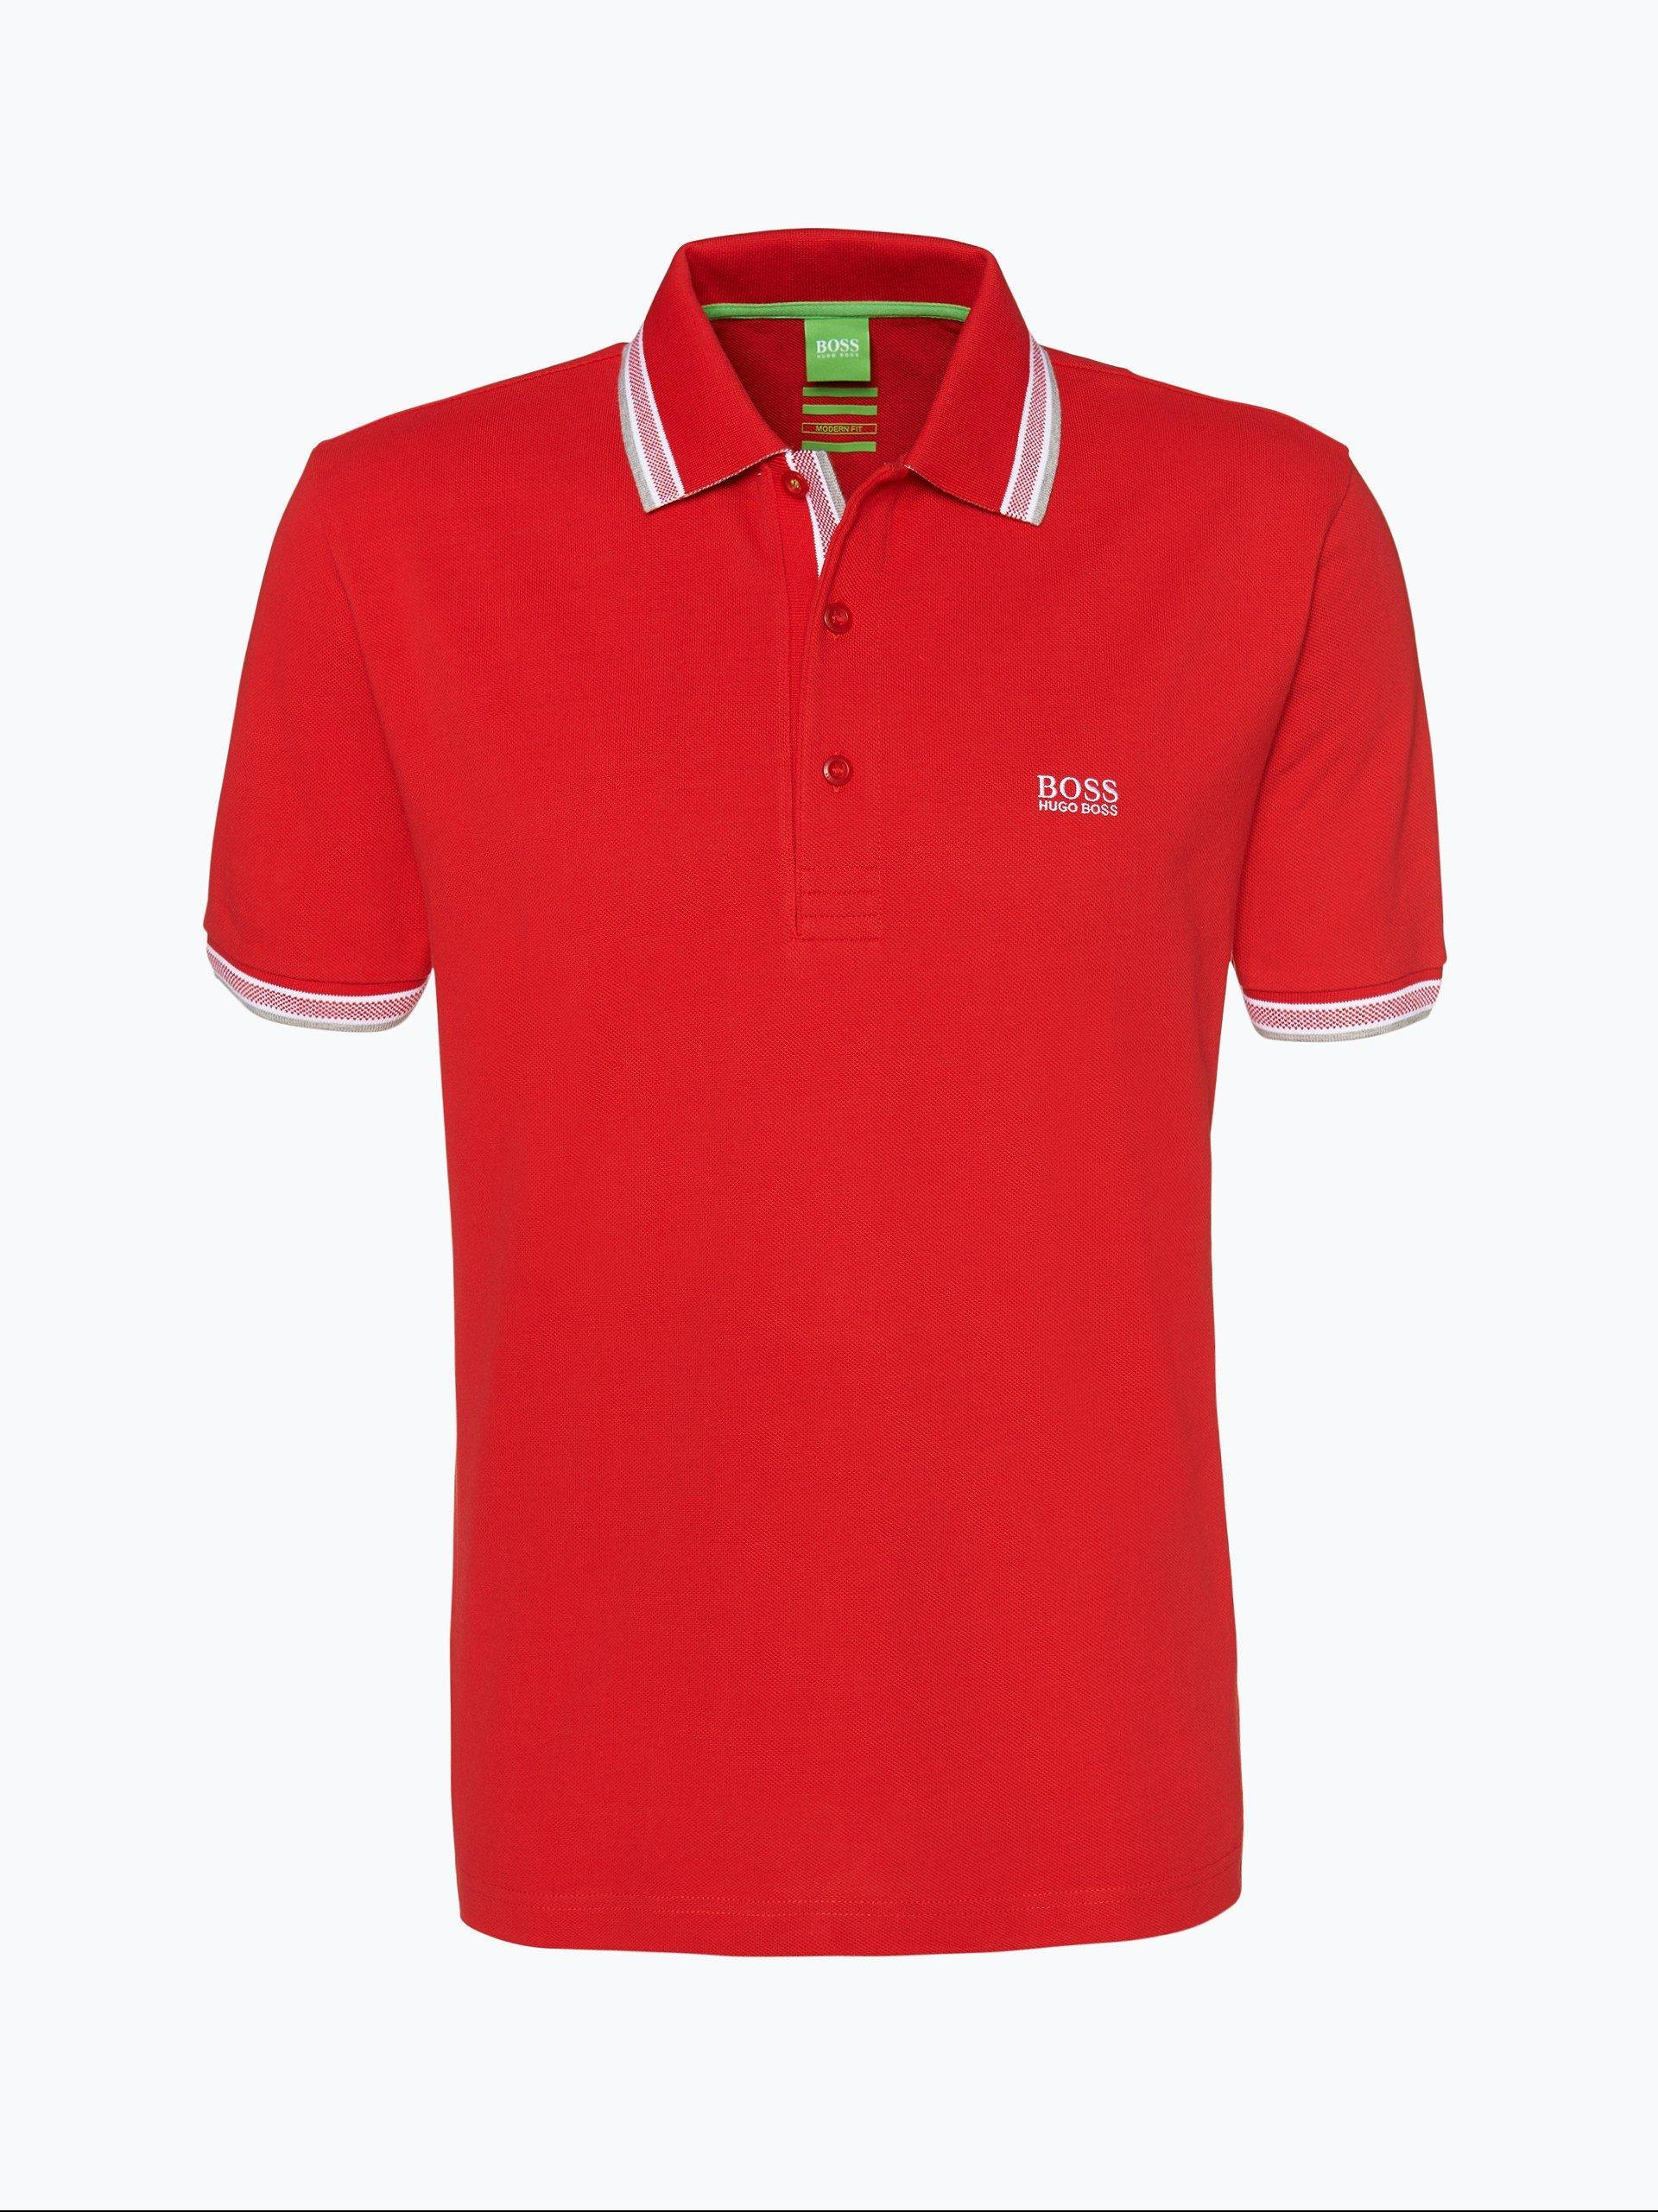 BOSS Menswear Athleisure Herren Poloshirt - Paddy